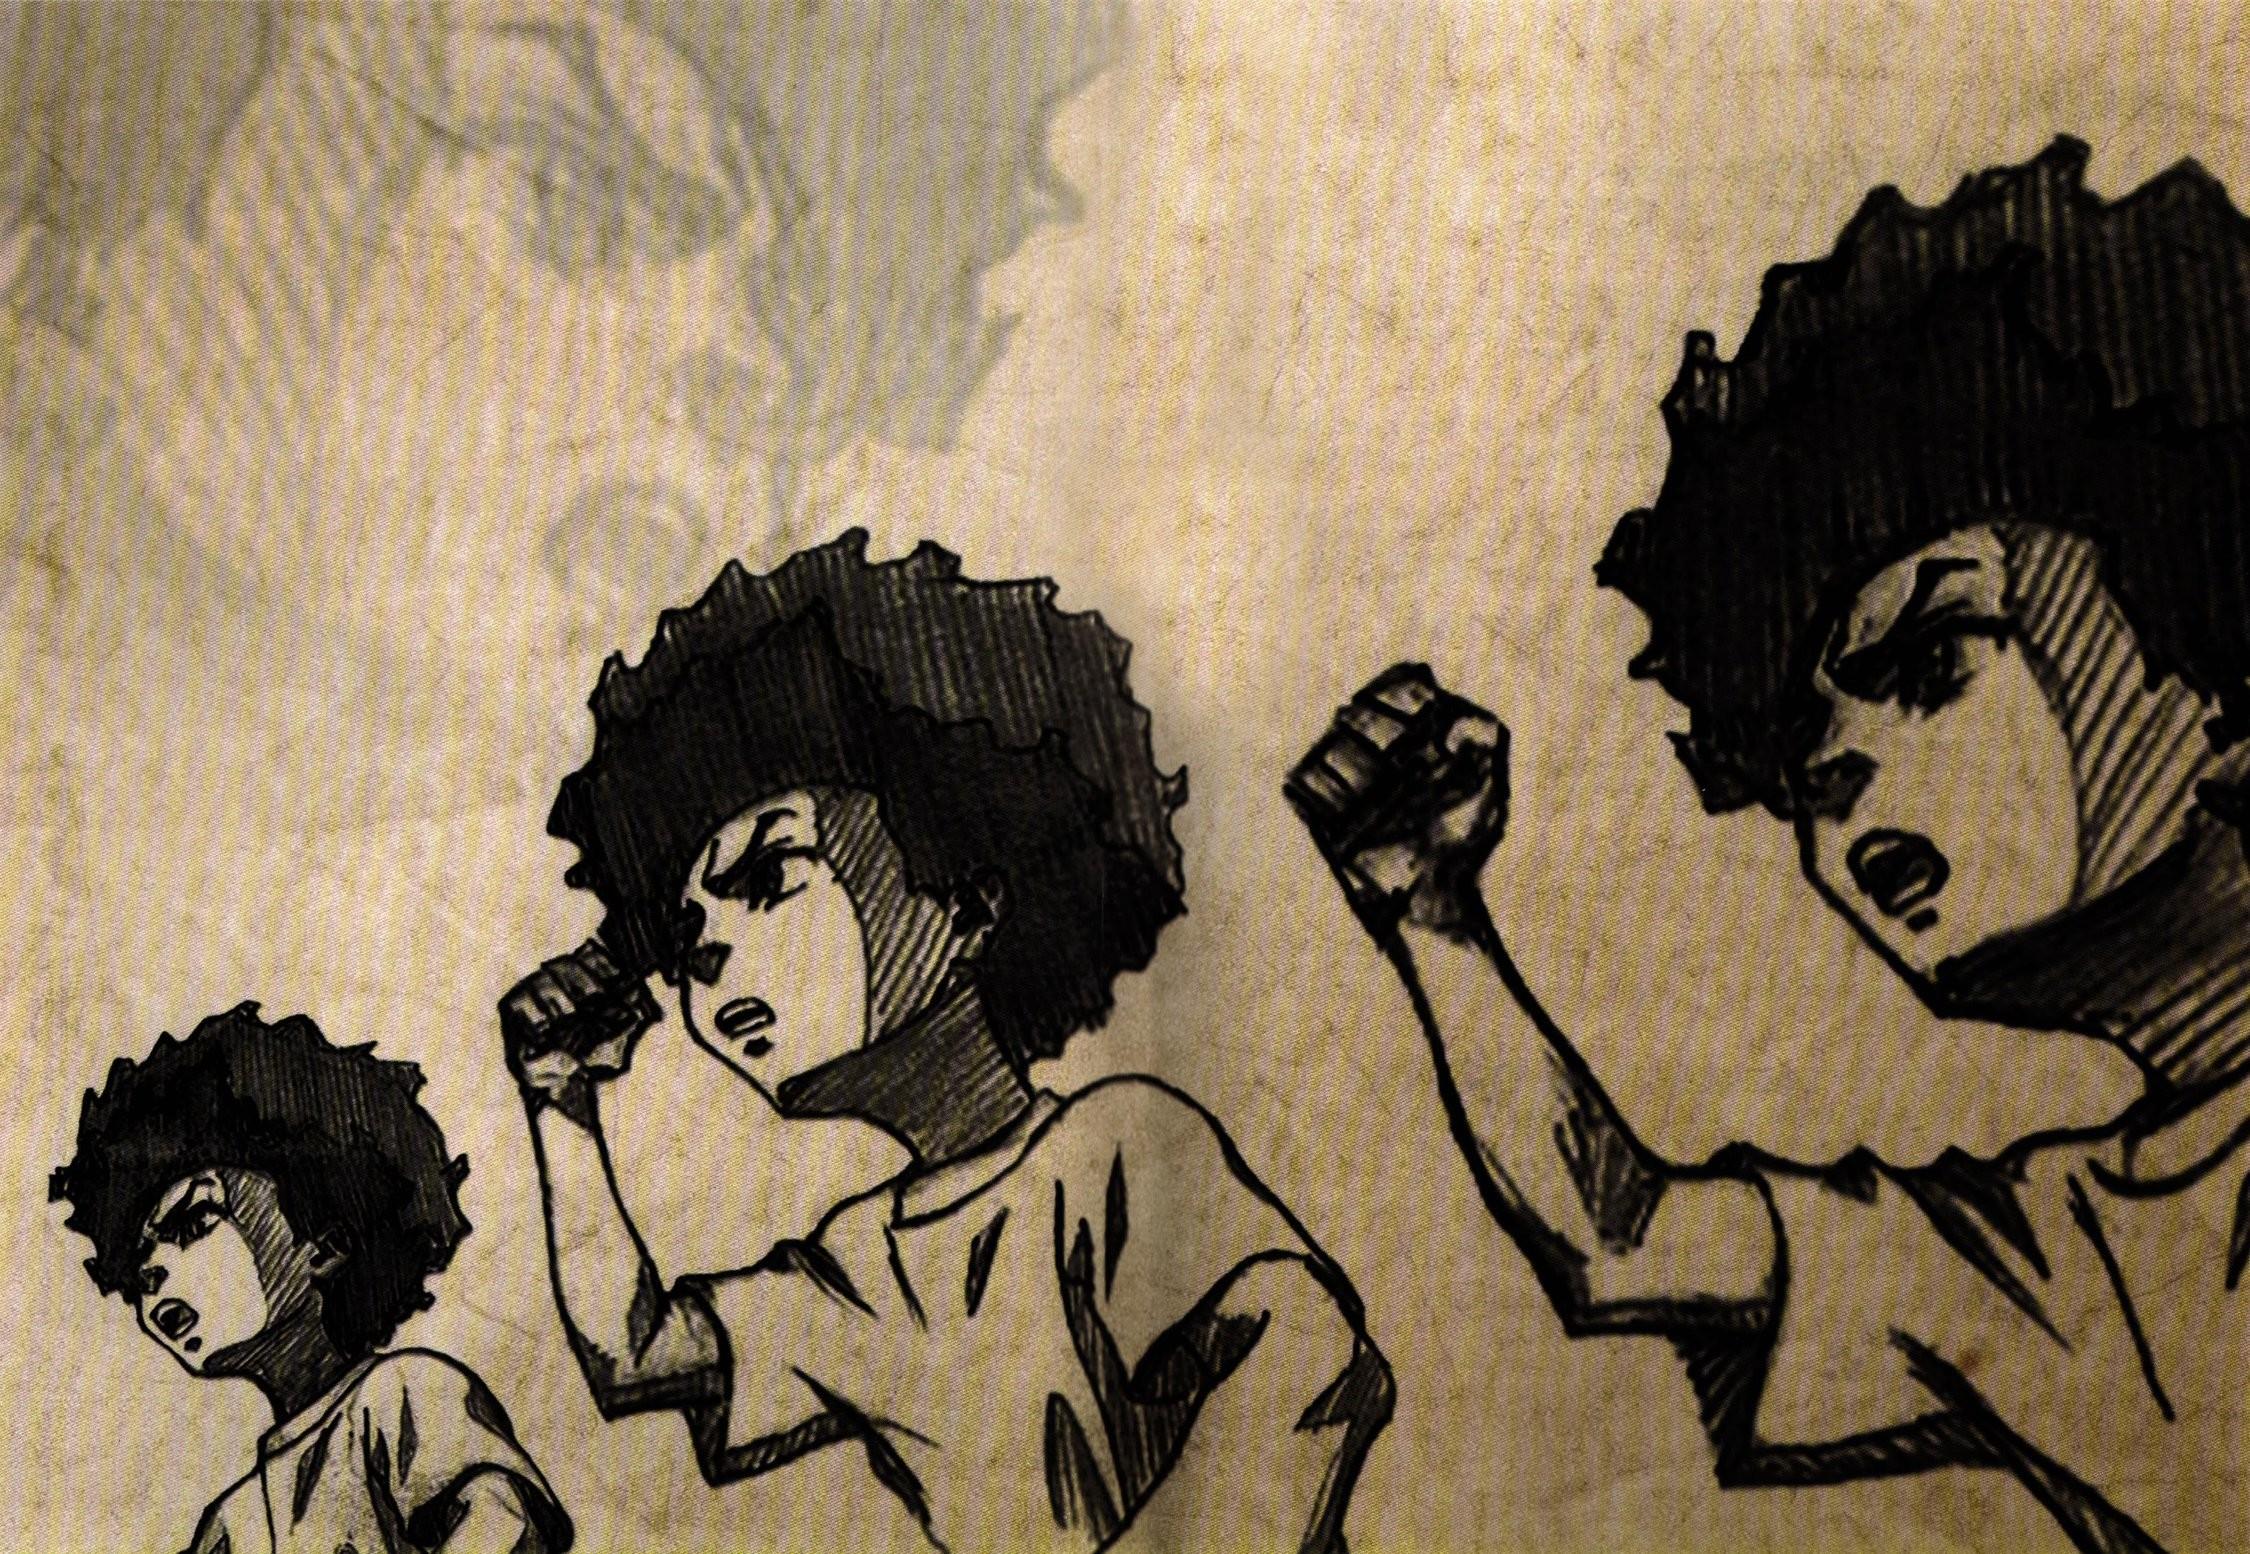 Cartoons & Comics / Traditional Media / Comics / Mixed Media